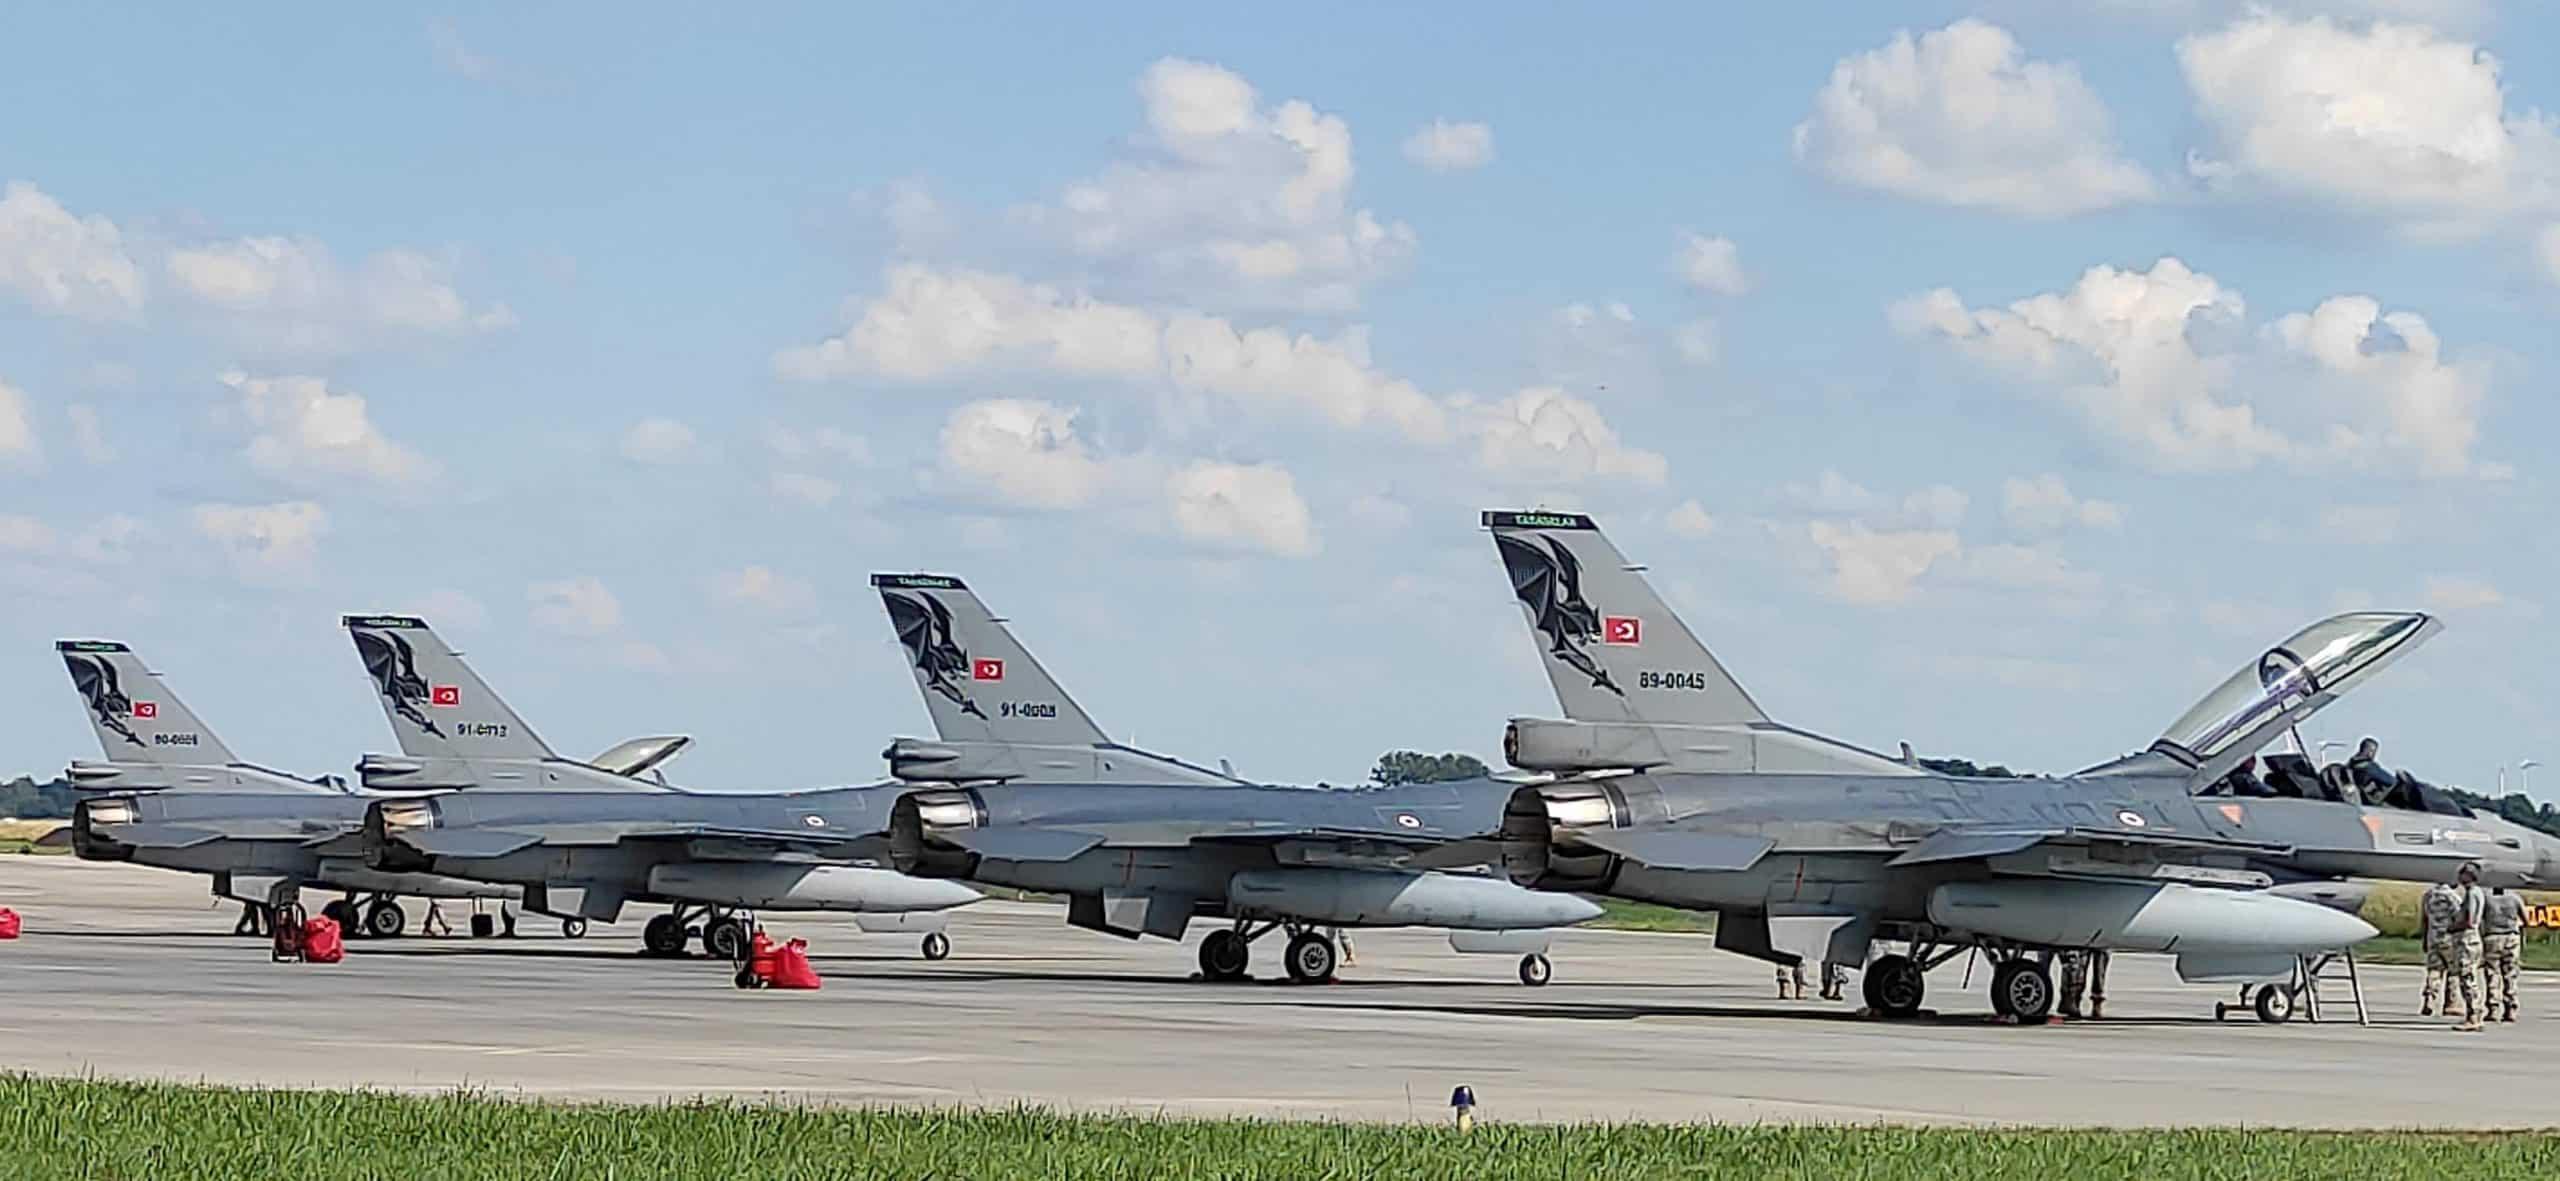 Турецькі багатоцільові винищувачі F-16 на авіабазі в Польщі